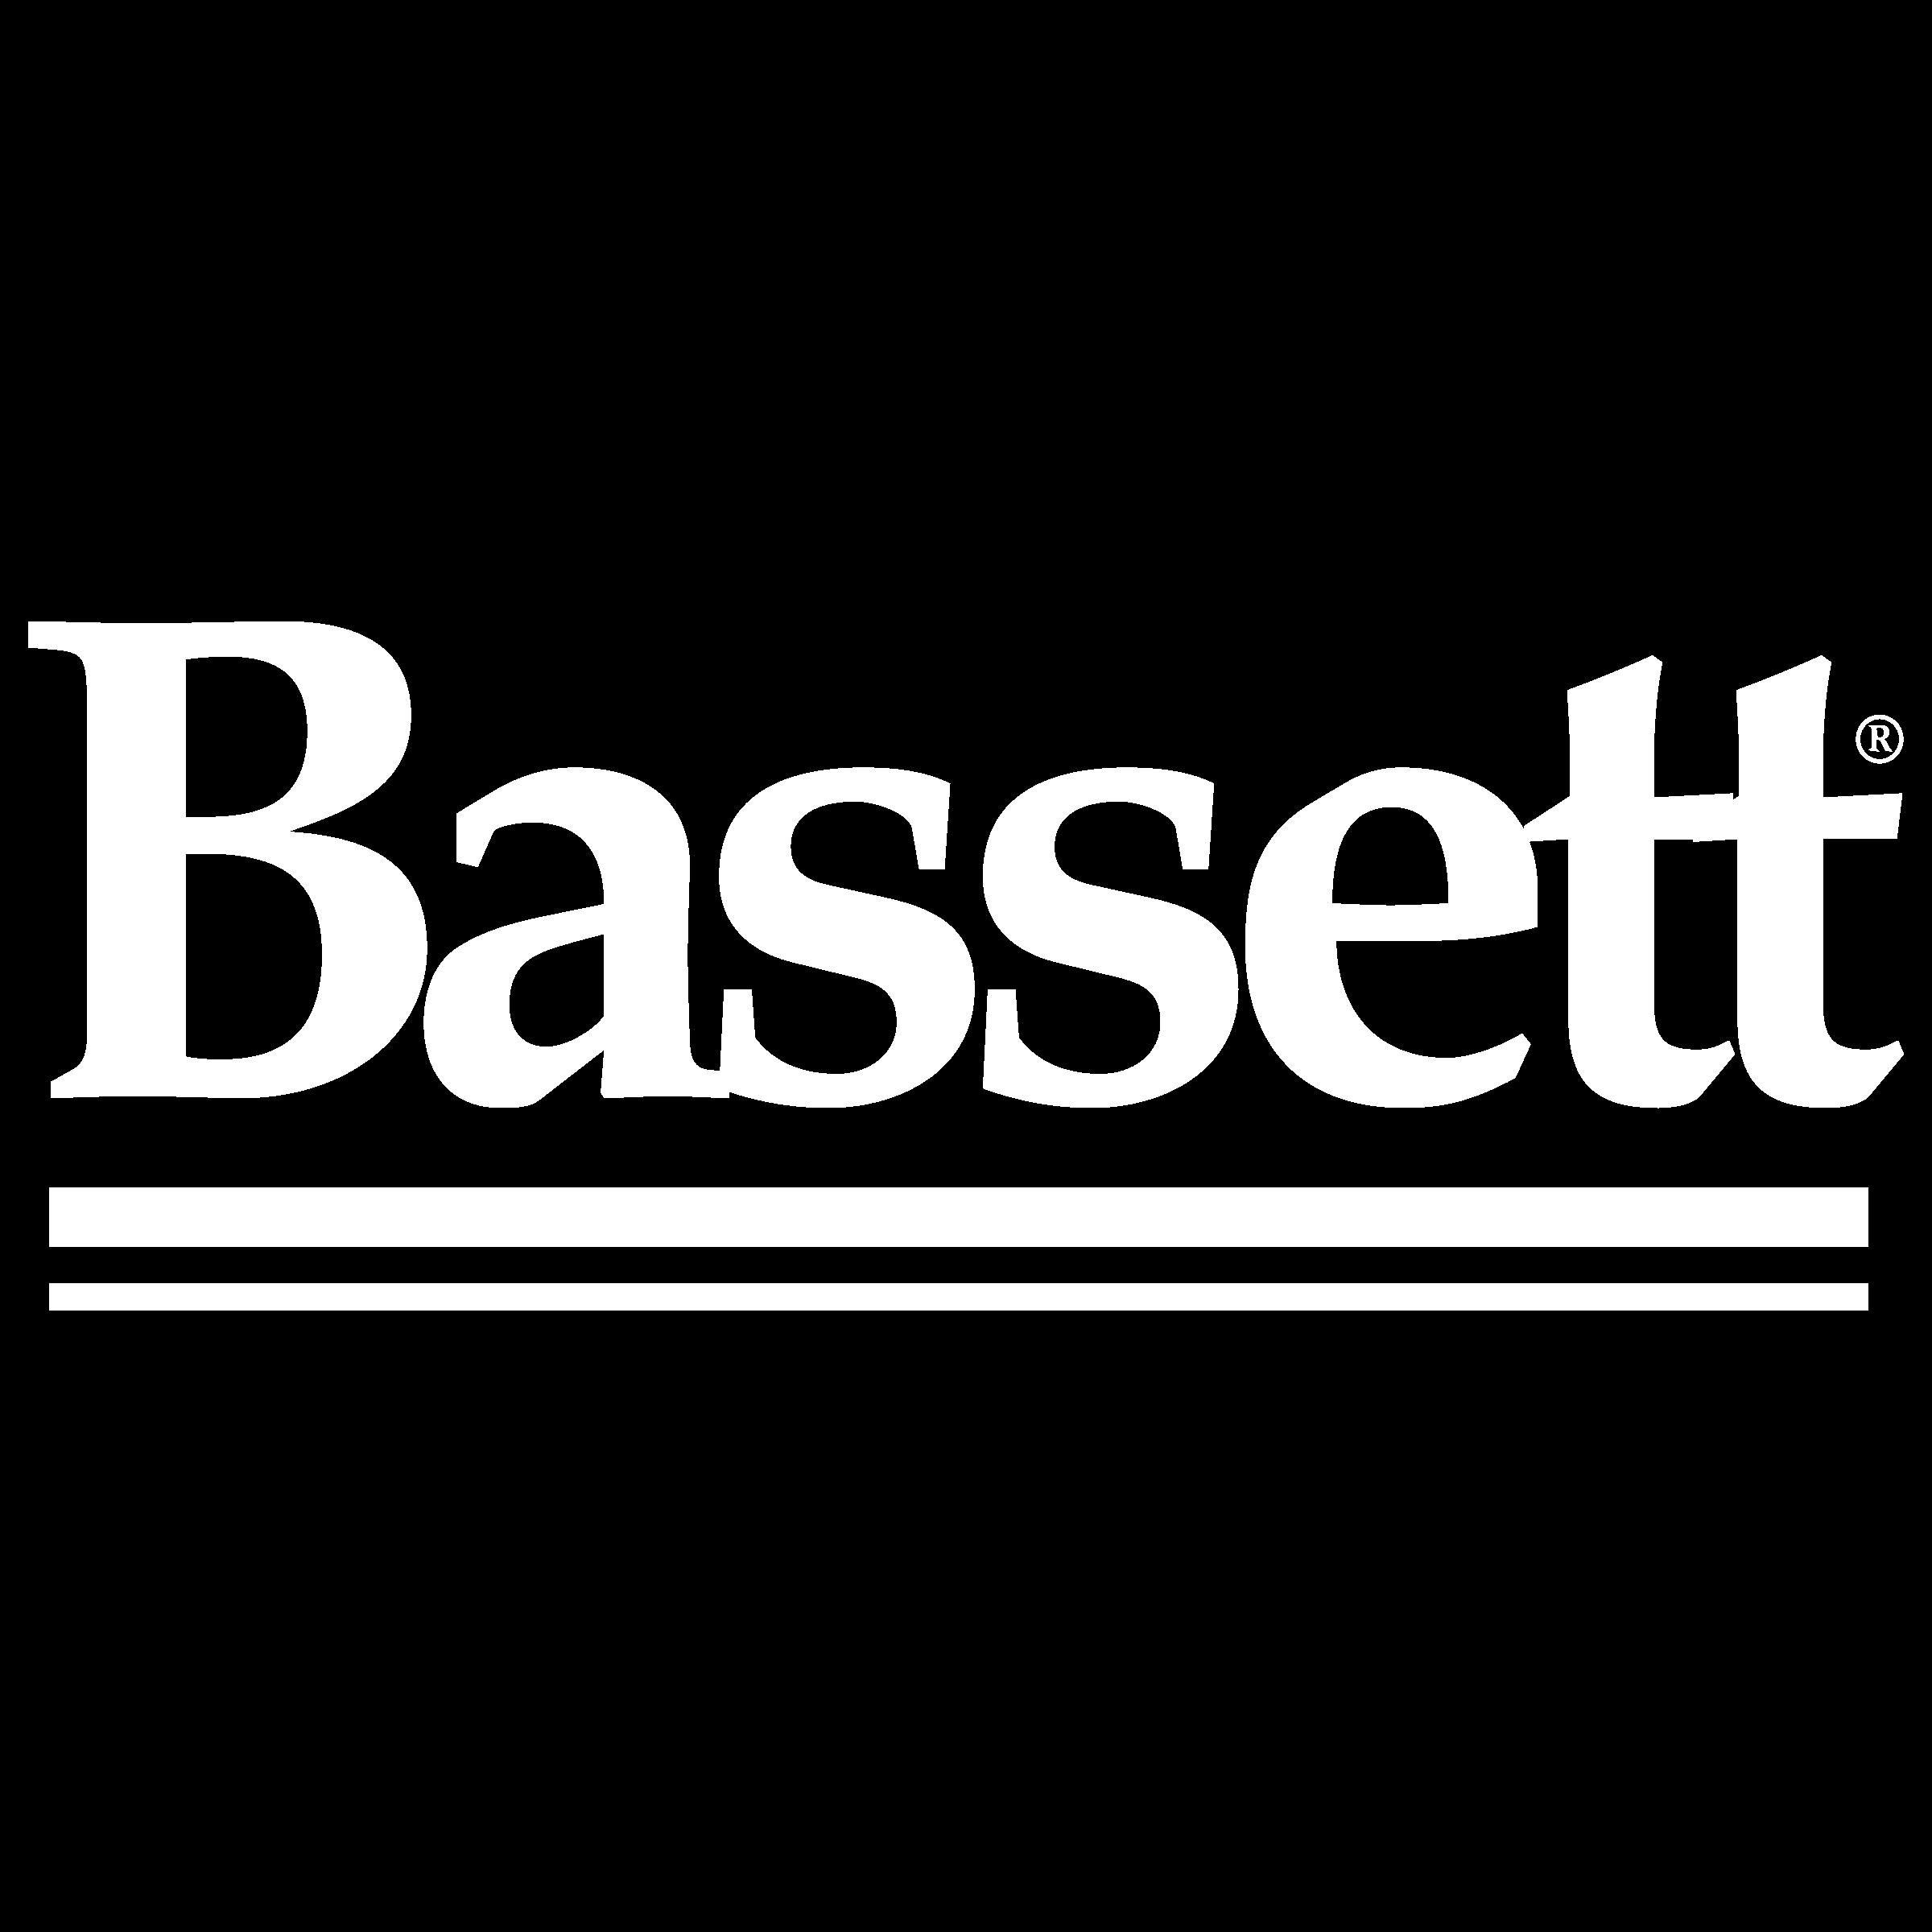 bassett furniture logo. Brilliant Bassett Bassett Furniture Logo Black And White For R